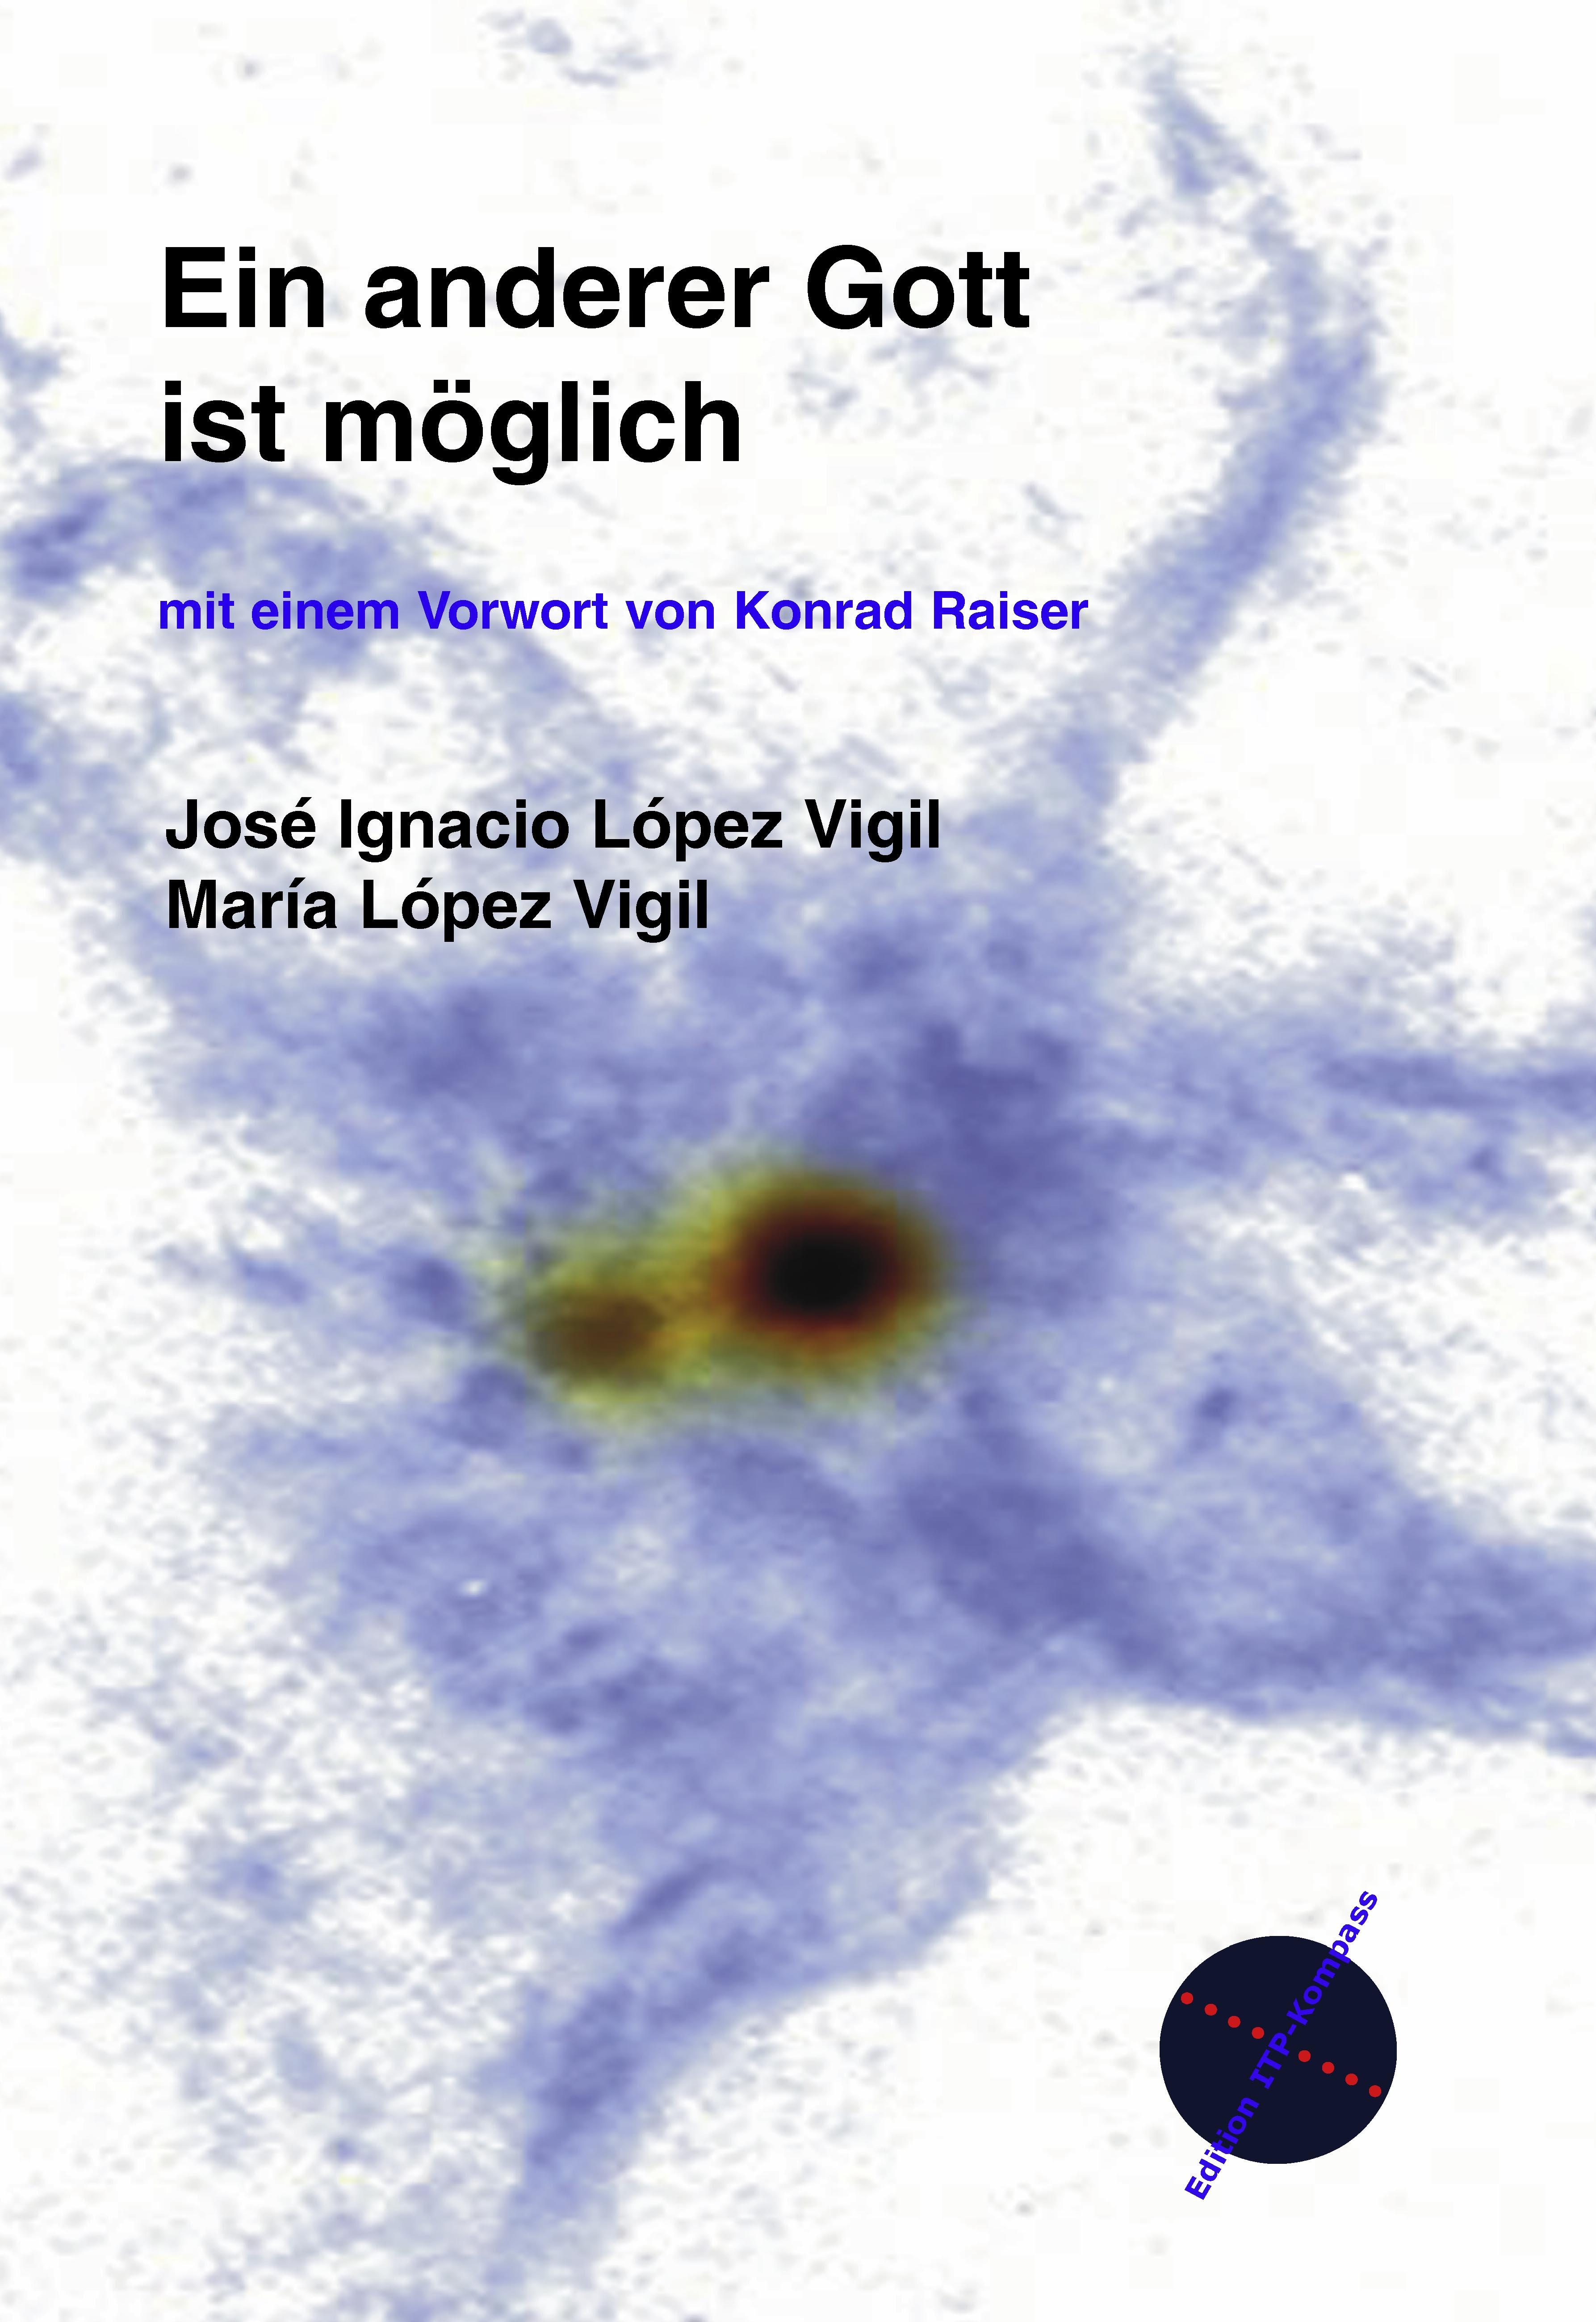 Ein anderer Gott ist moeglich - López Vigíl, José Ignacio López Vigíl, María